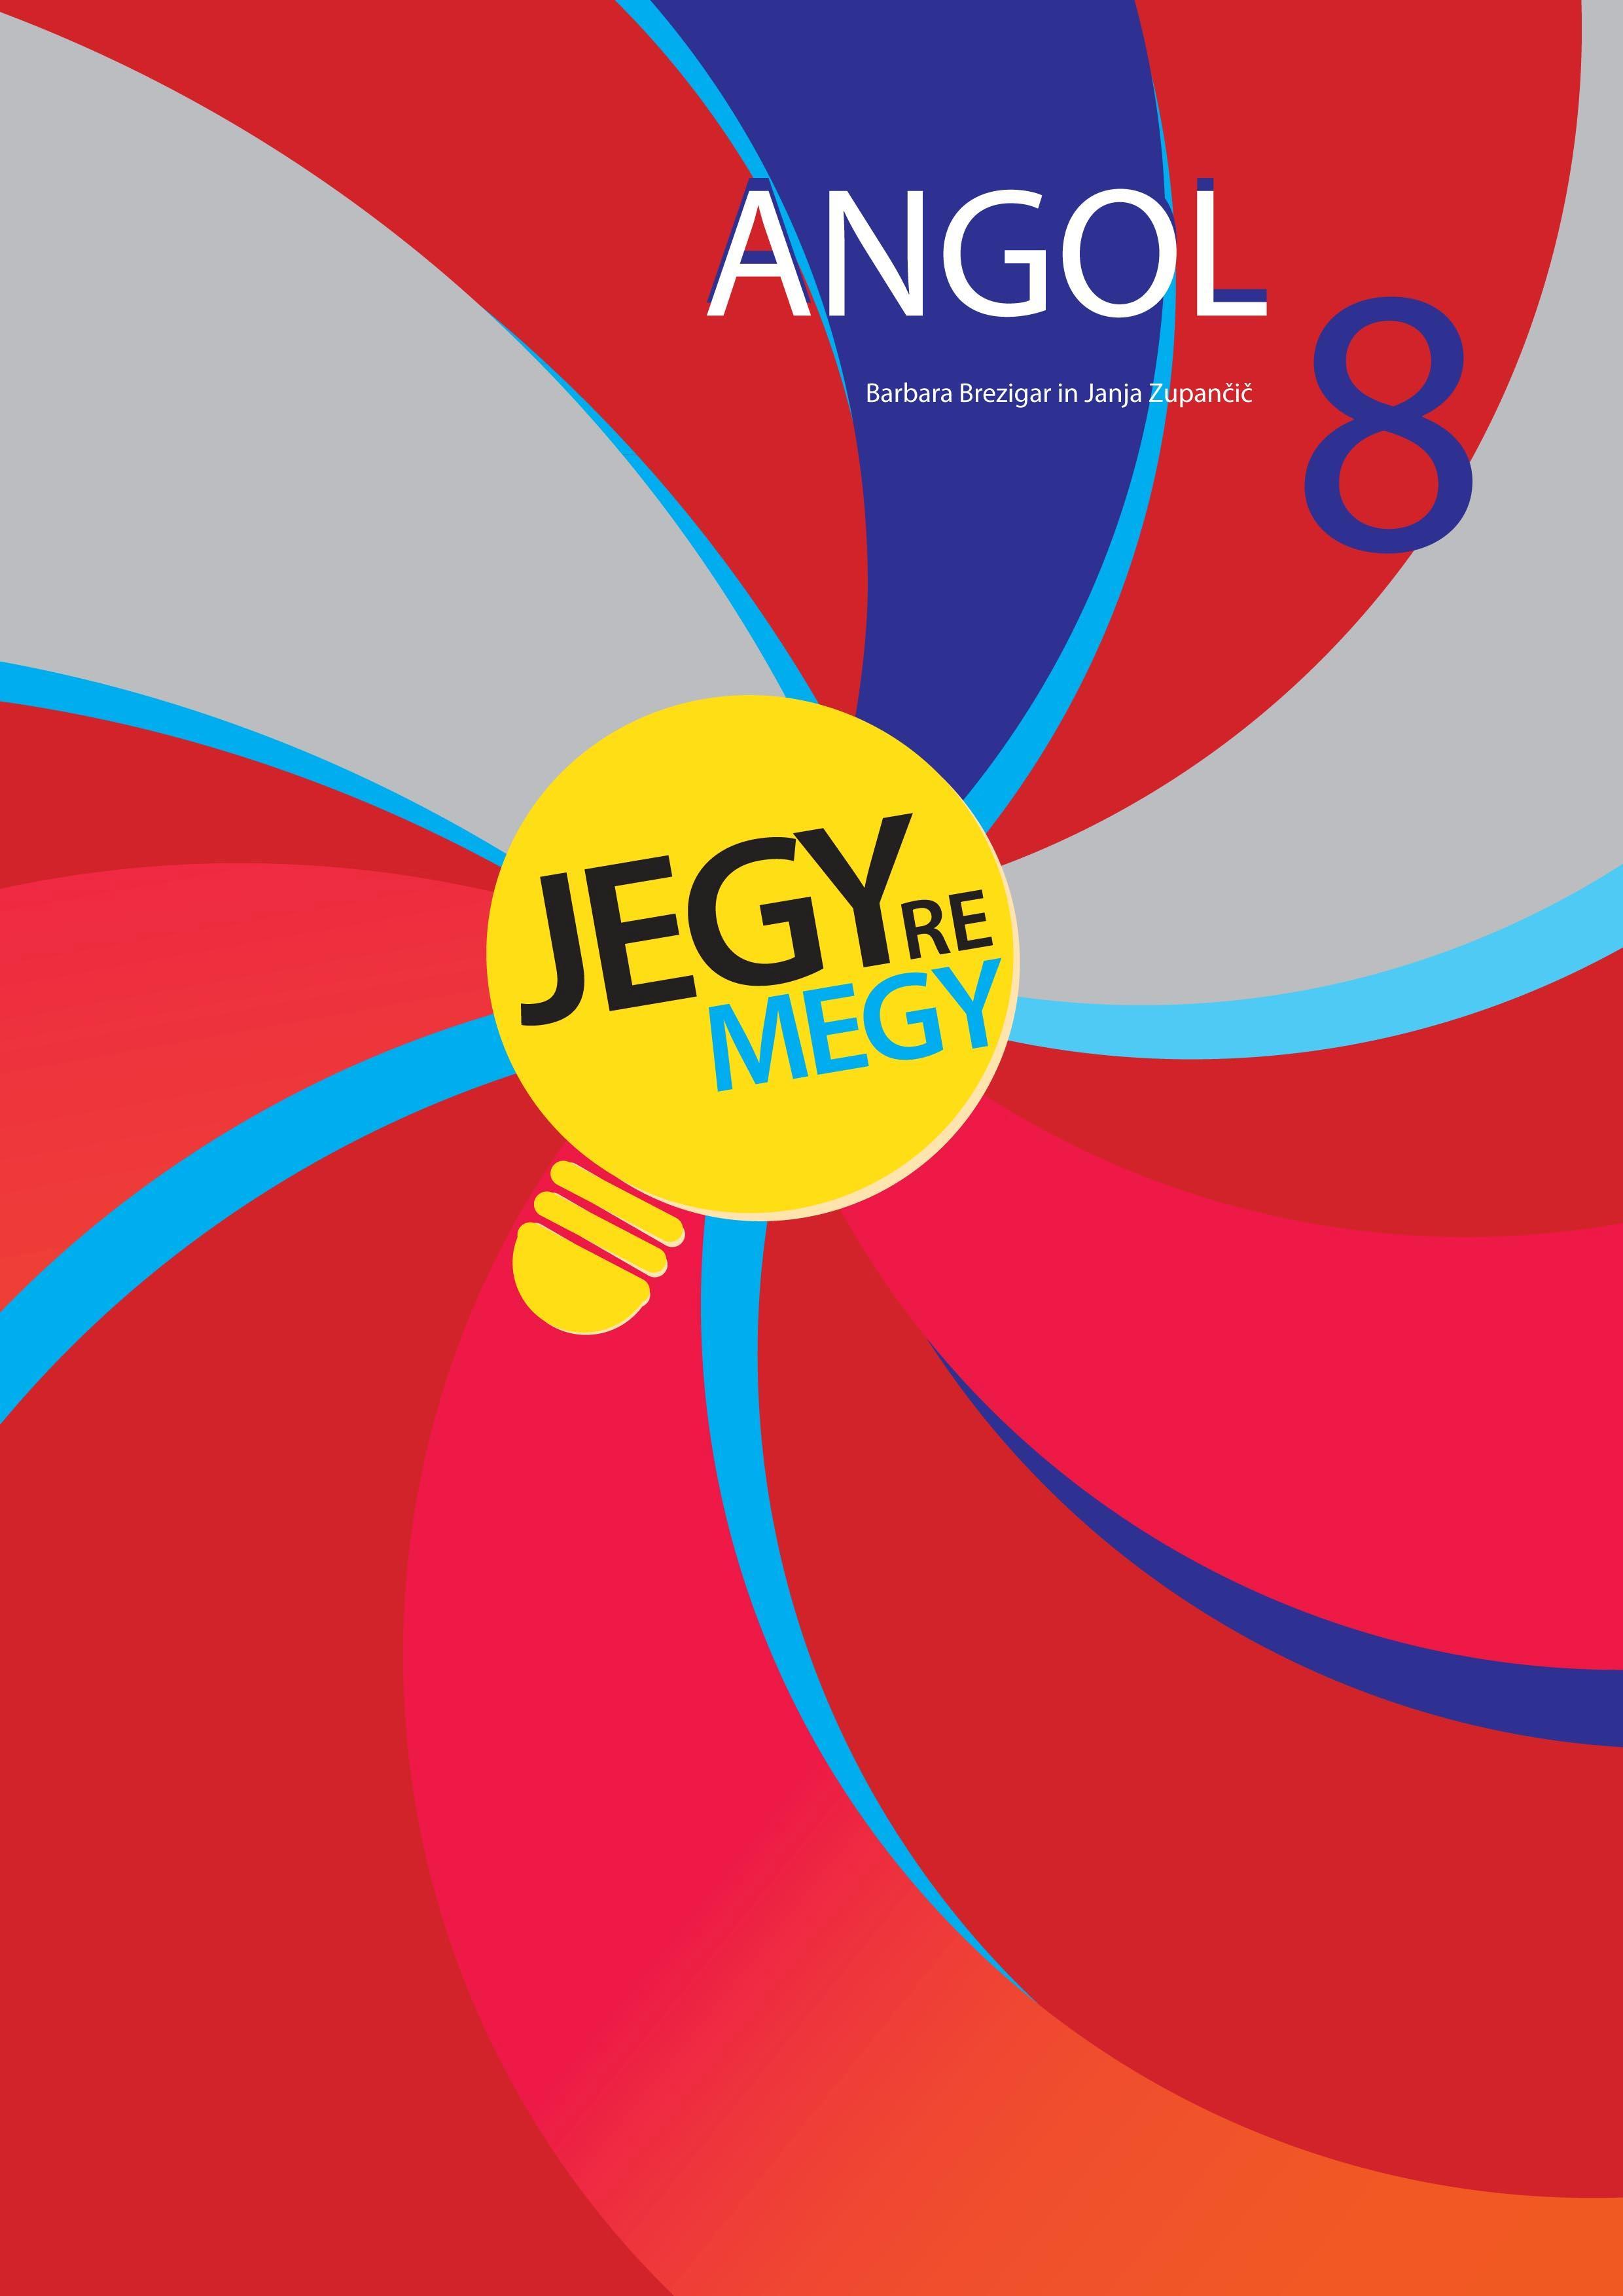 ANGOL 8. - JEGYRE MEGY!